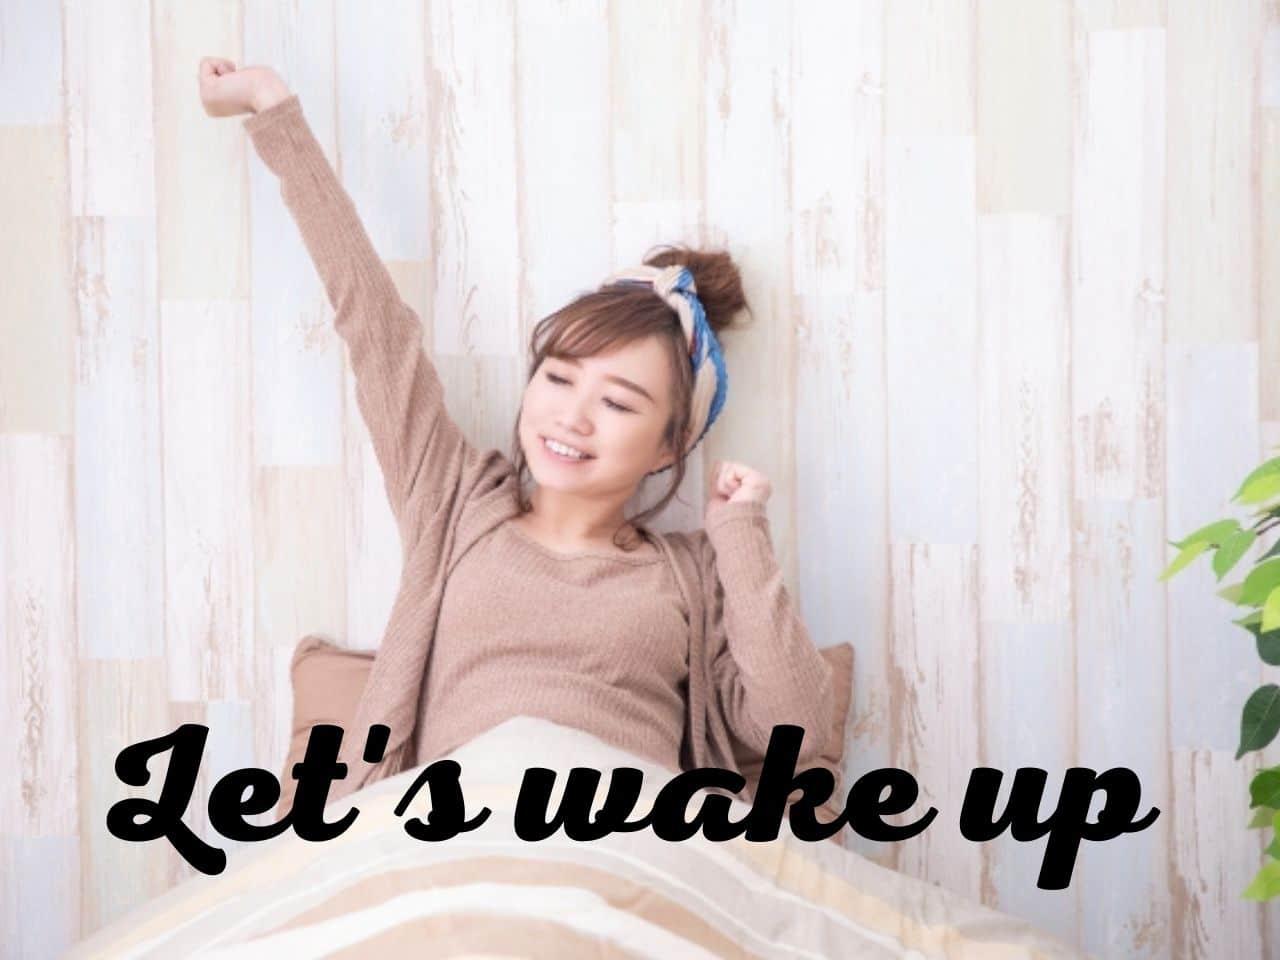 目覚めて背伸びする女性